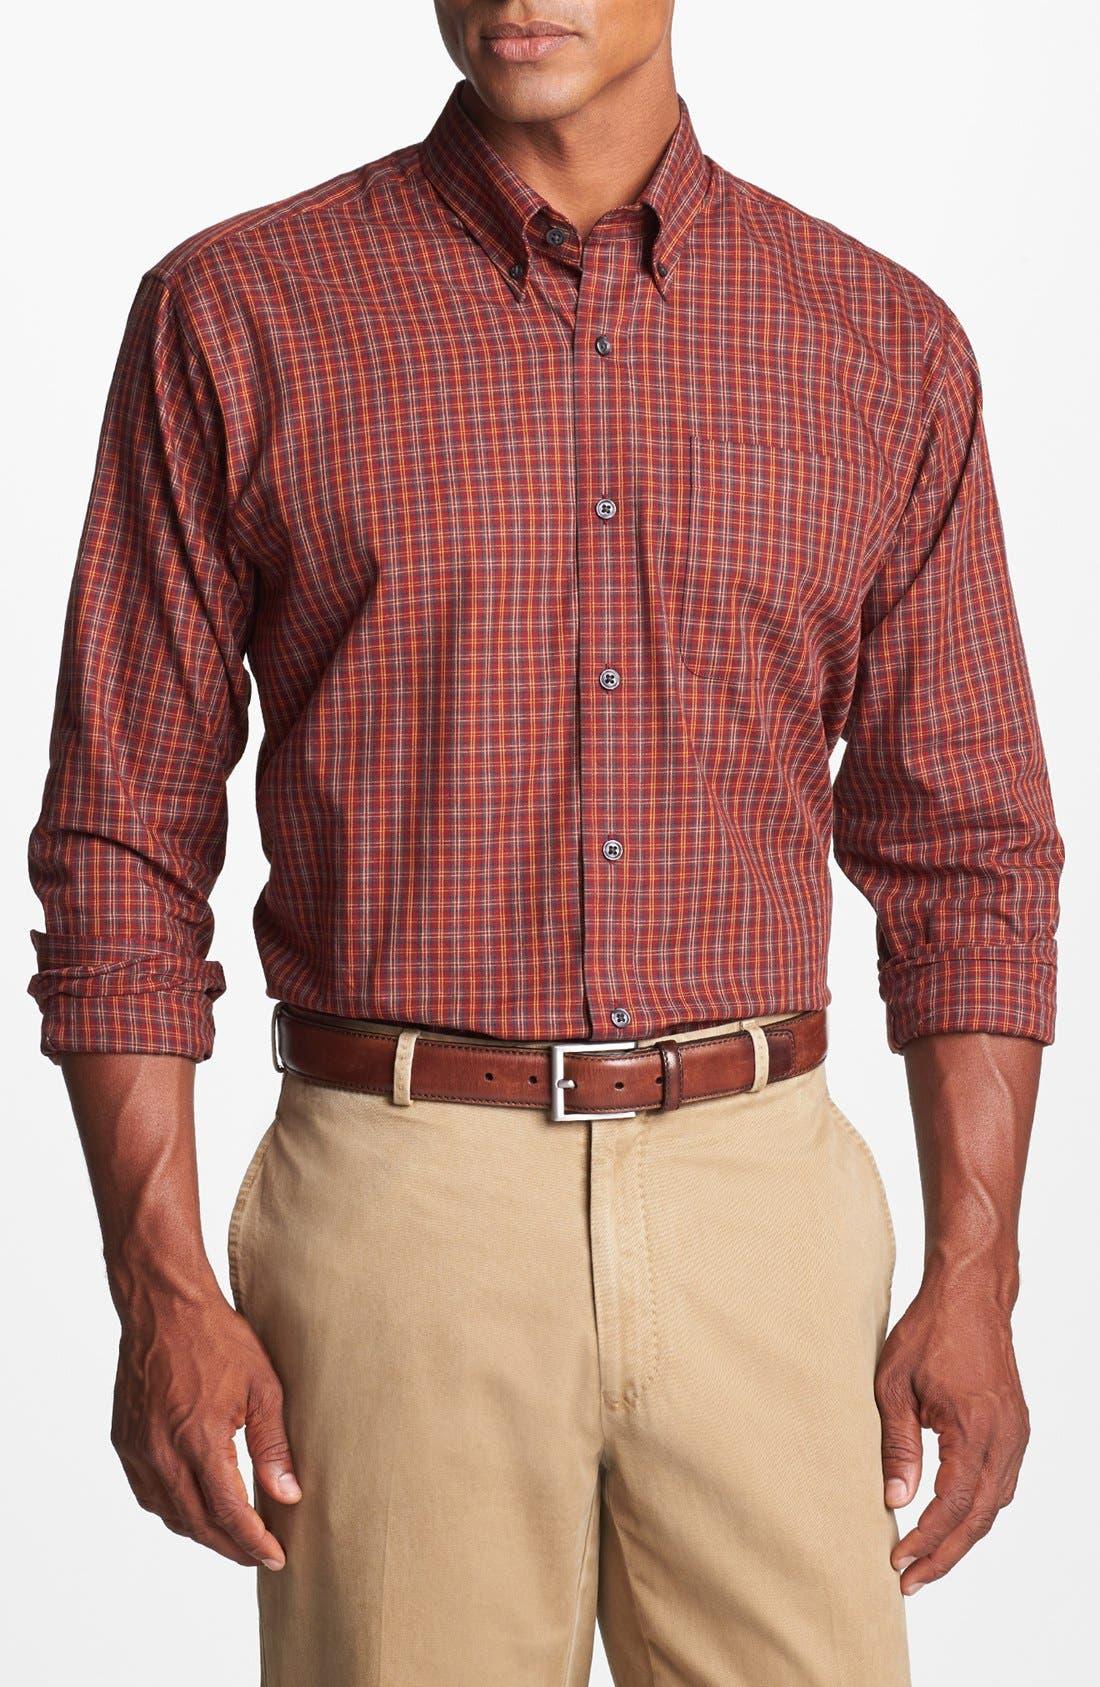 Alternate Image 1 Selected - Cutter & Buck 'Nickerson' Regular Fit Sport Shirt (Big & Tall)